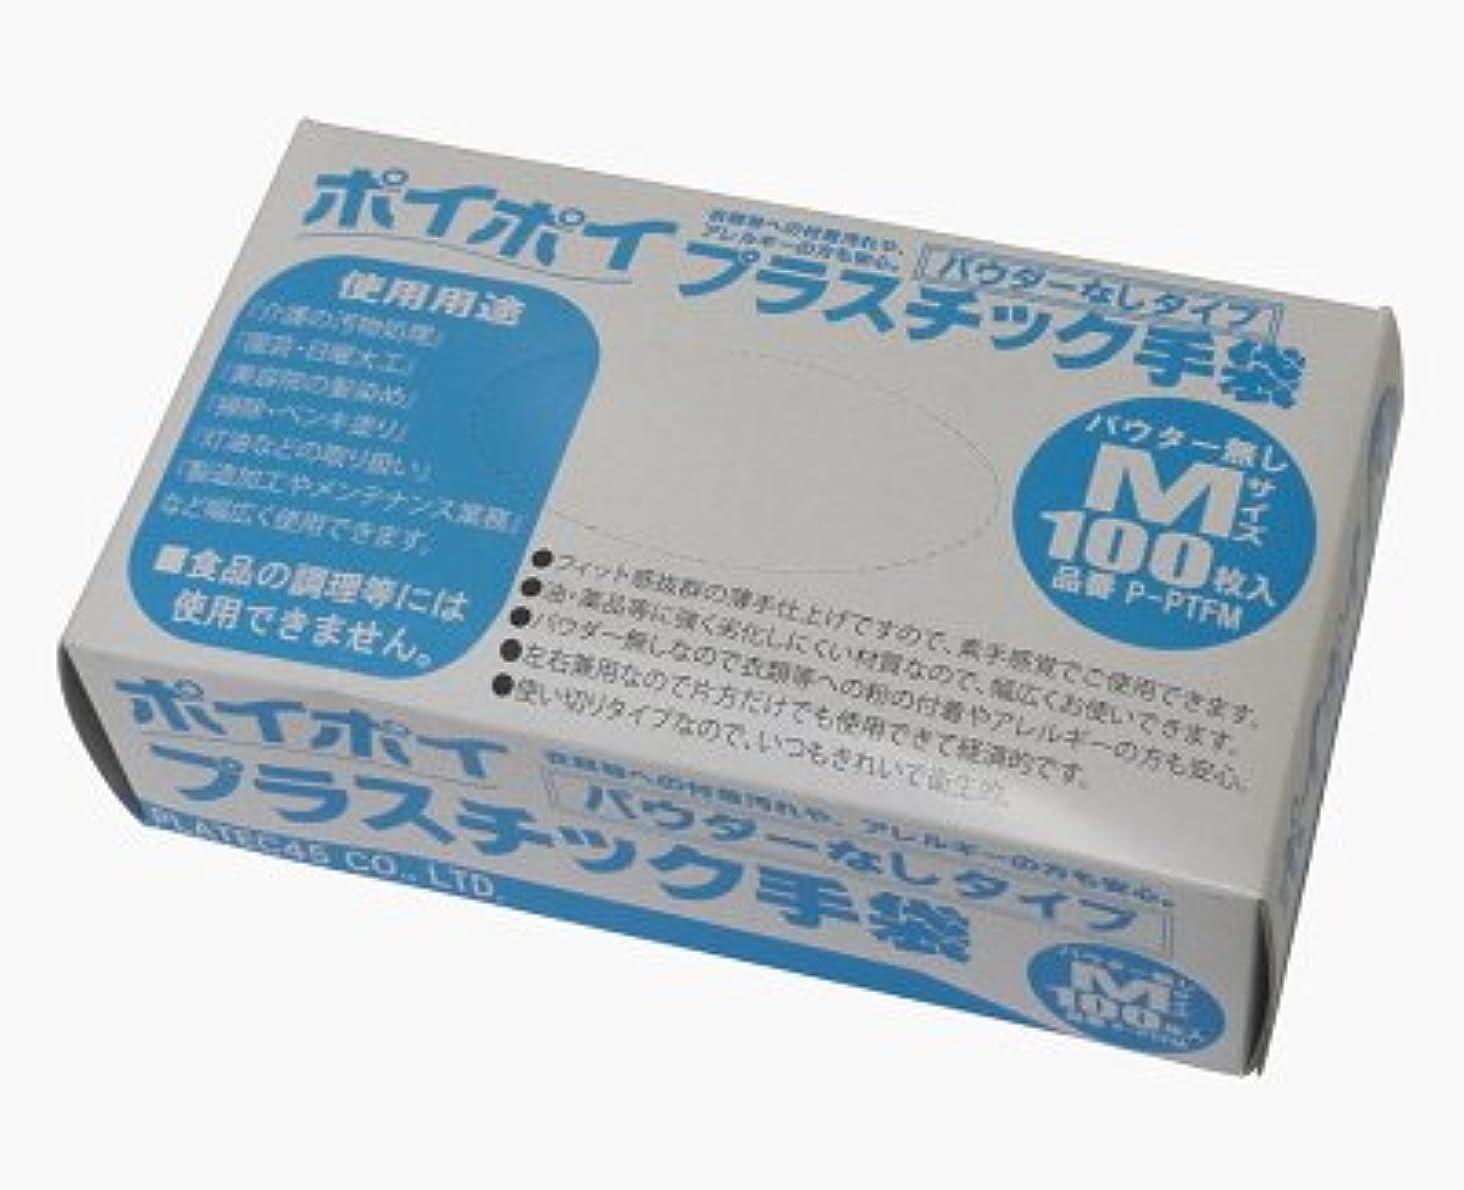 蓋アボートクモ●●●プラテック45 プラスチックグローブパウダー無しM 100枚×20箱